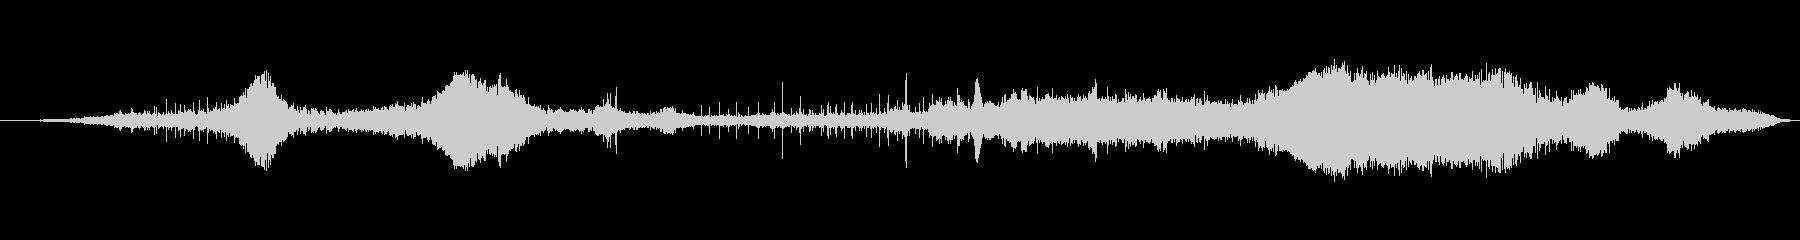 サイクリストペロトンパサ0-15の未再生の波形